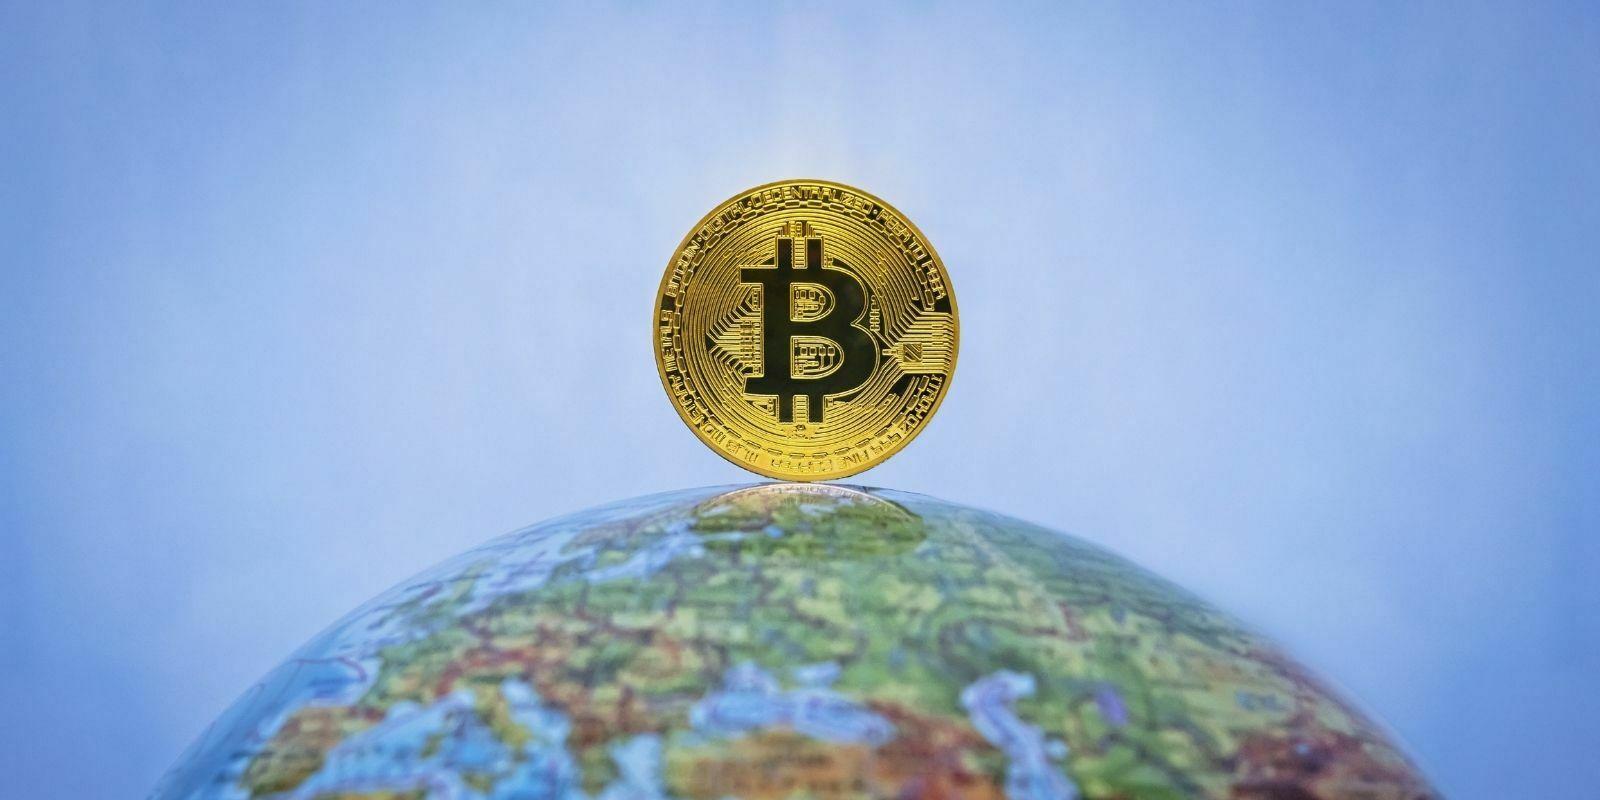 L'Estonie et la Colombie hébergent le whitepaper de Bitcoin (BTC) sur des sites de leurs gouvernements